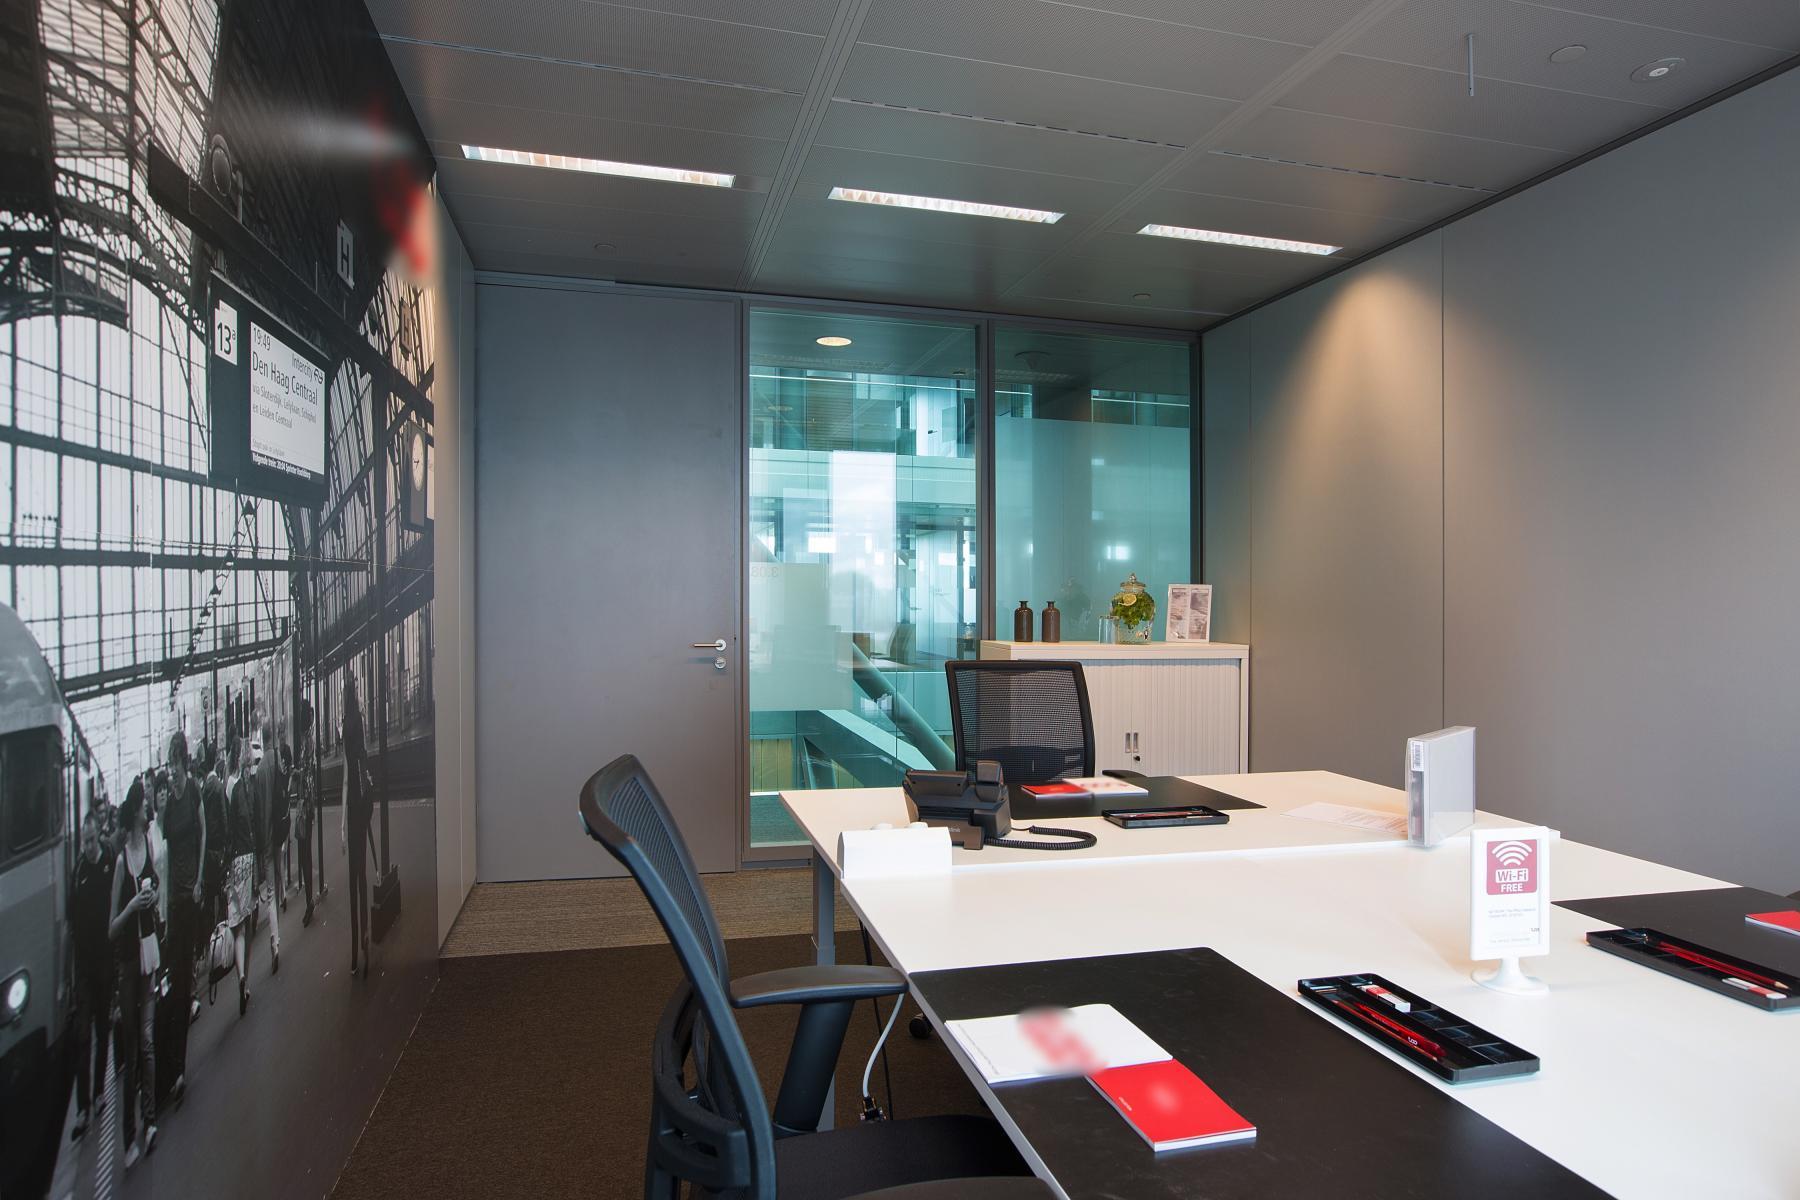 kantoorruimte amsterdam amstelveenseweg kantoorunit huren meubilair uitzicht